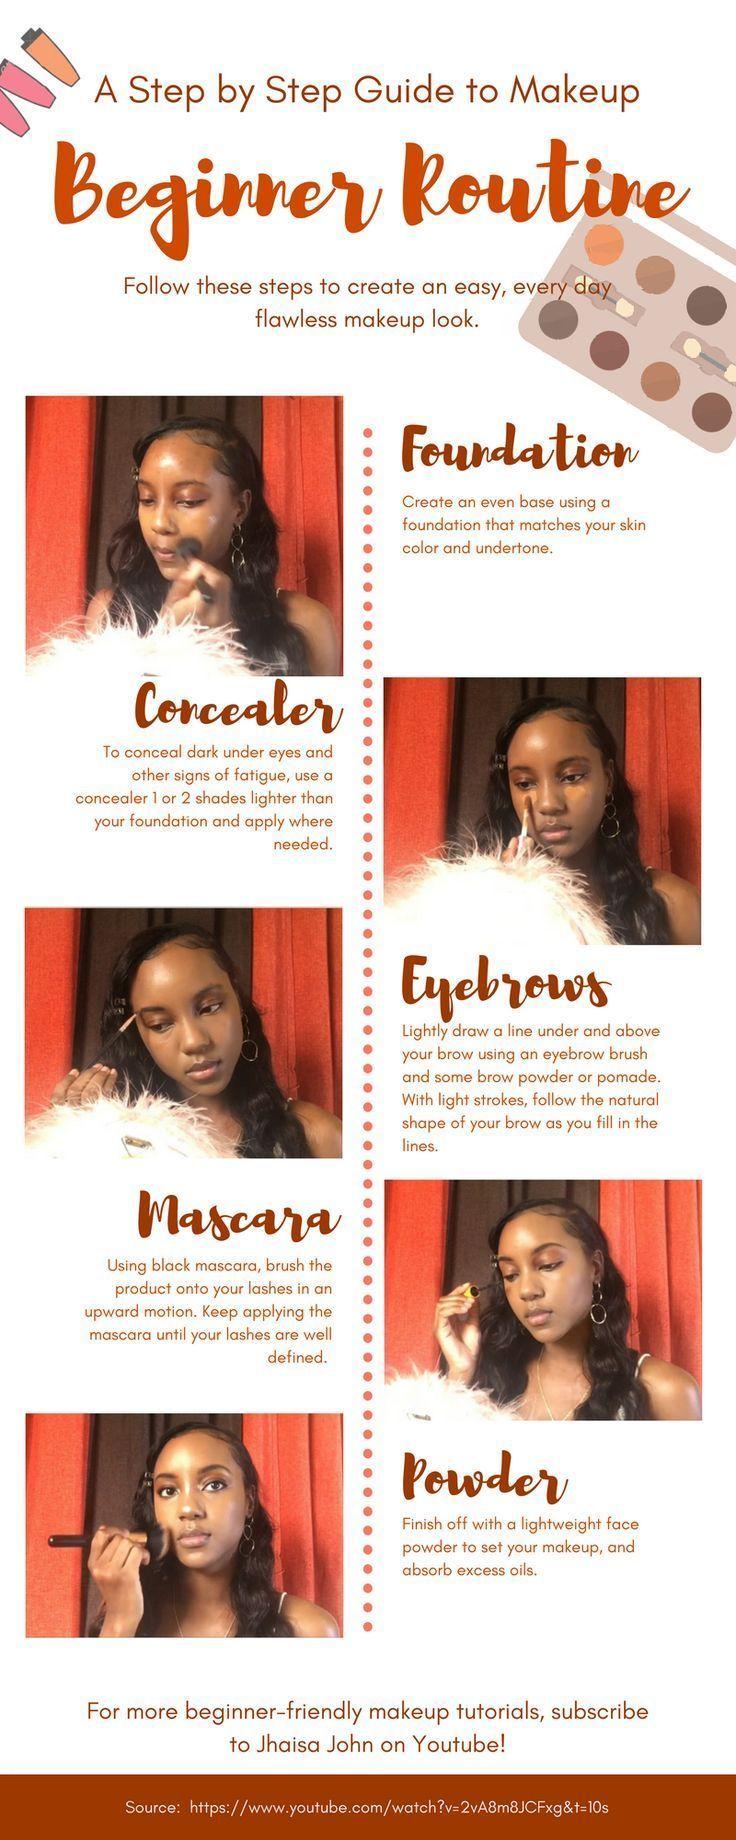 Tutorial sencillo de maquillaje paso a paso para principiantes / mujeres negras. Básico todos los días m …